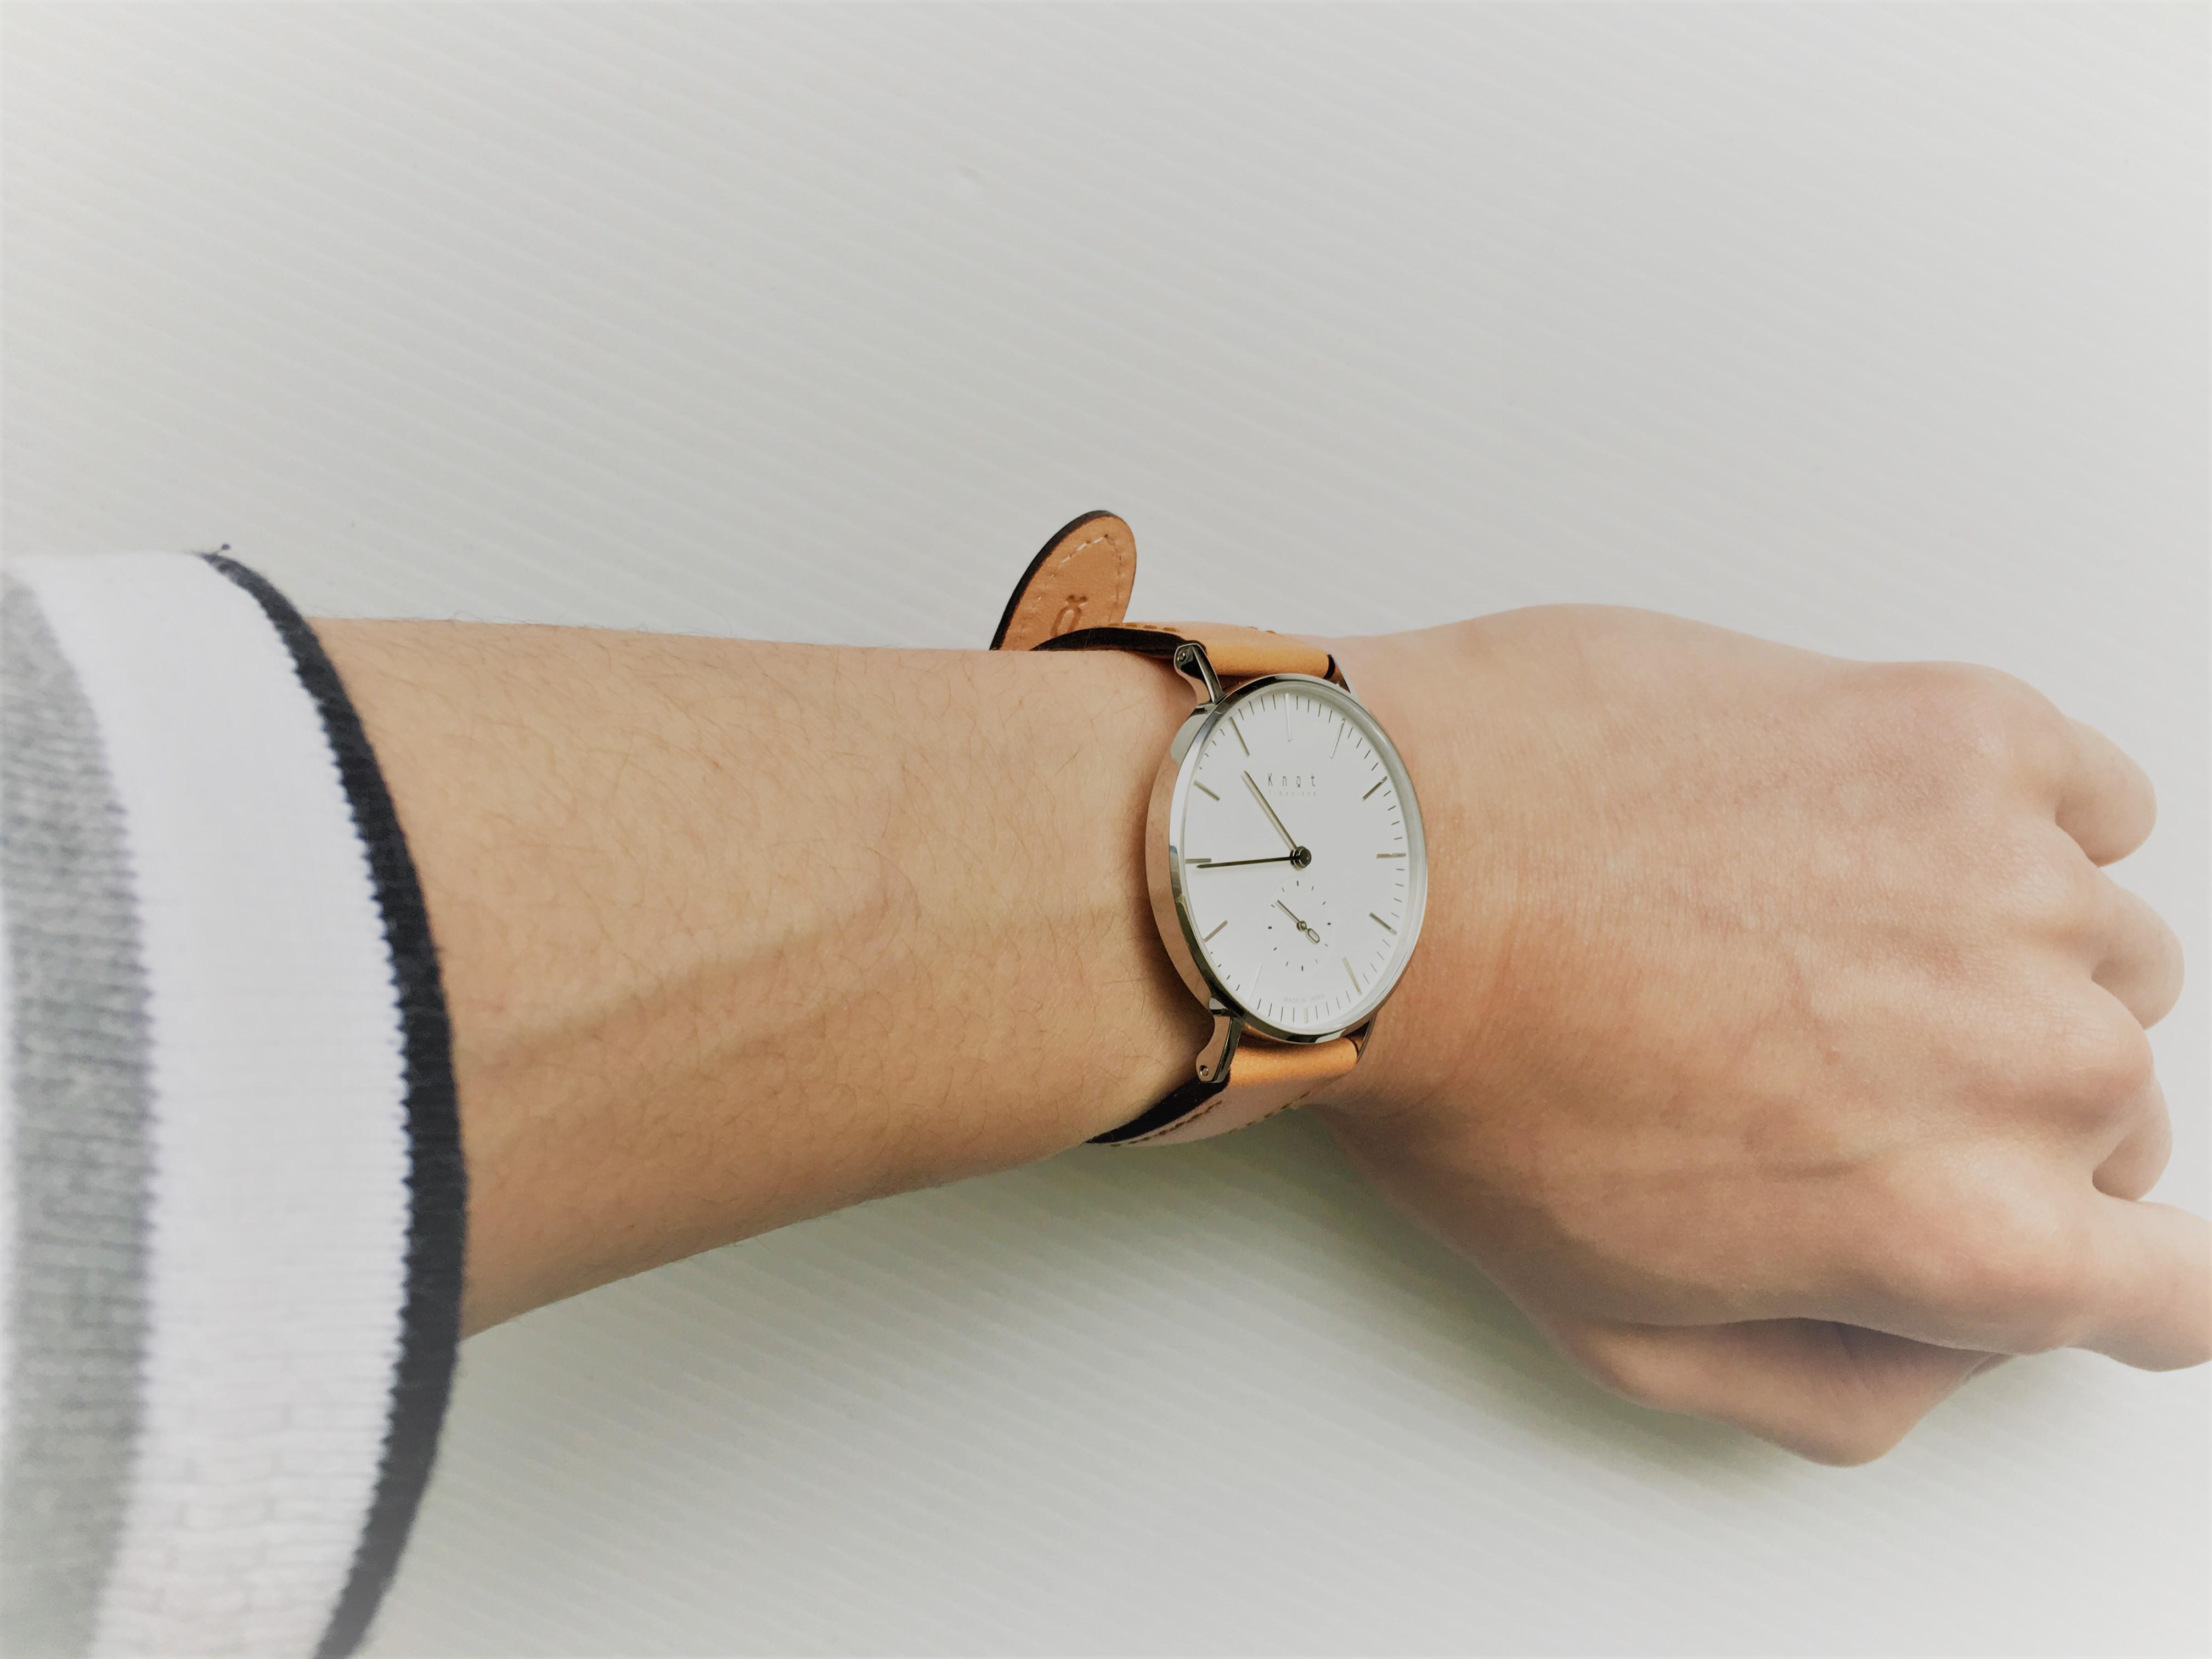 ミニマリストの強い味方になるか? knot(ノット)の国産腕時計「スモールセコンド」買ってみた。